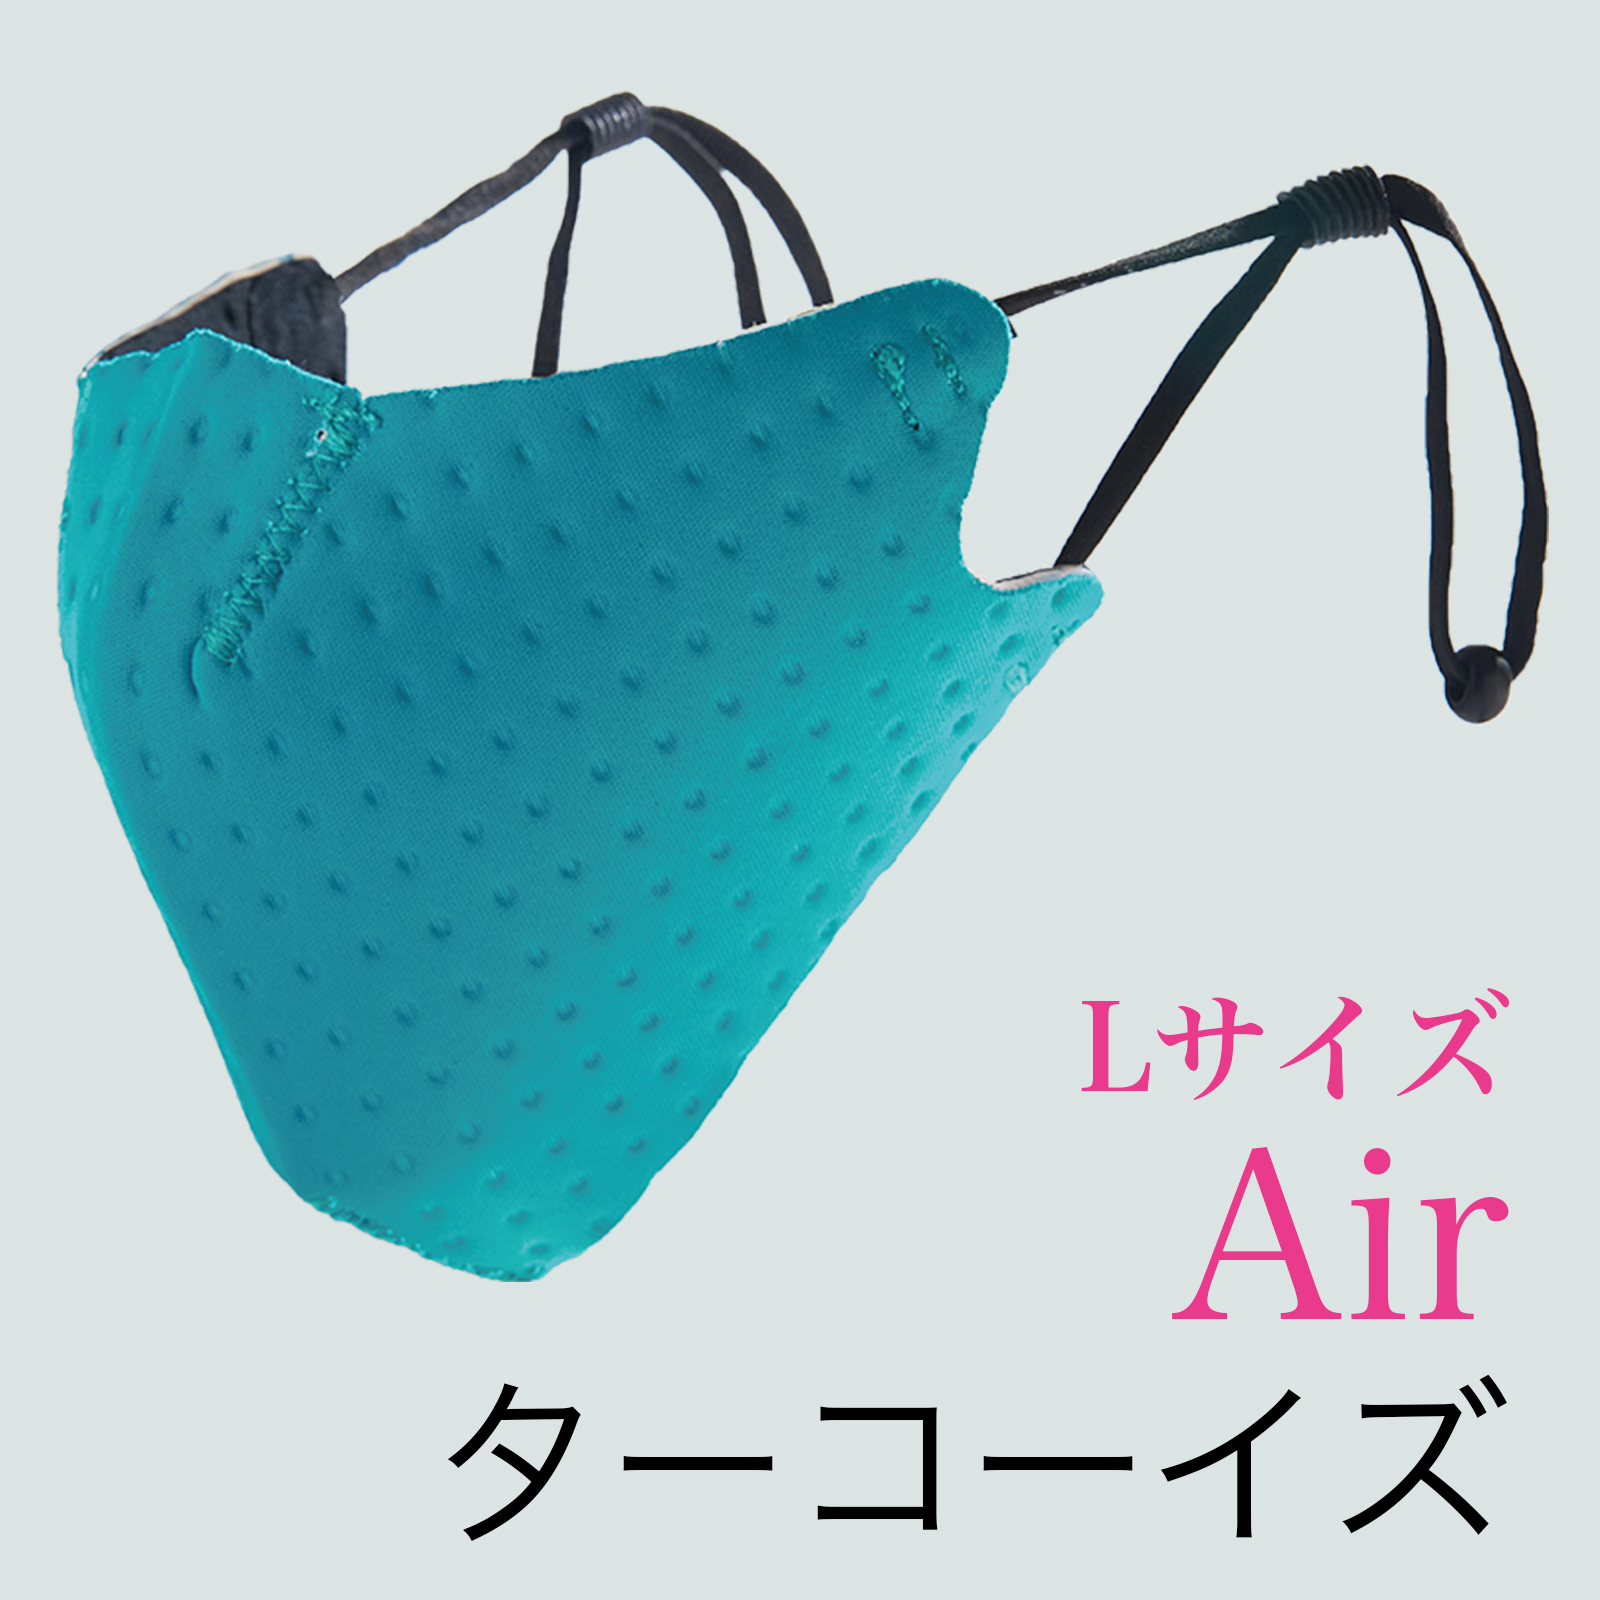 【10個セット】呼吸 Co-que Air【10%OFF】【選べるカラー】【送料無料】